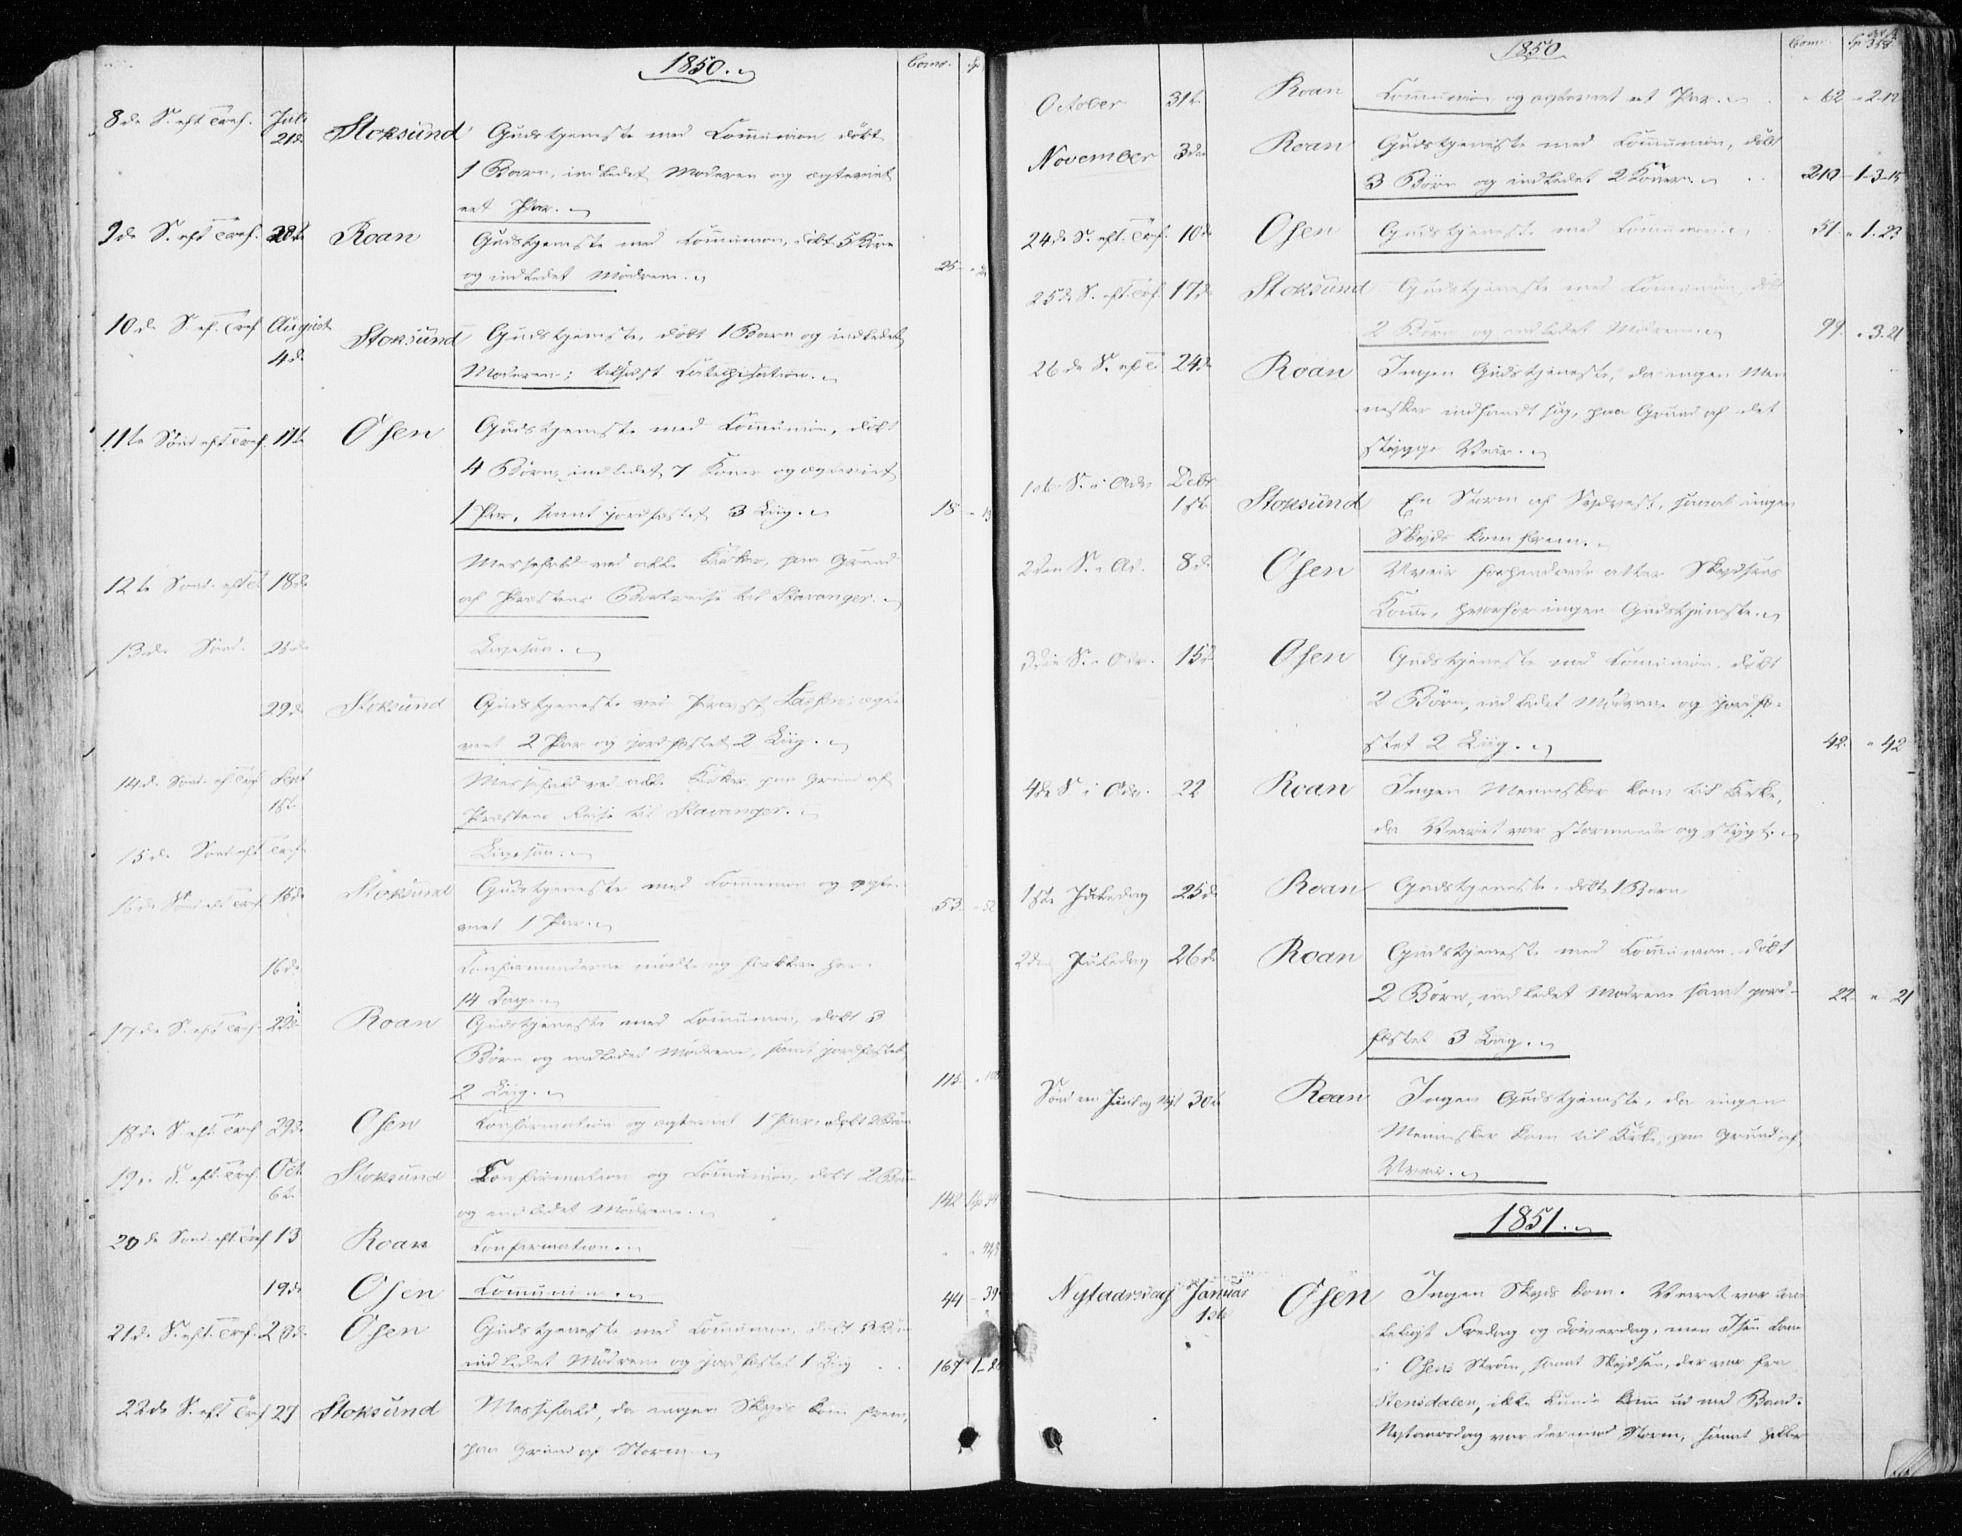 SAT, Ministerialprotokoller, klokkerbøker og fødselsregistre - Sør-Trøndelag, 657/L0704: Ministerialbok nr. 657A05, 1846-1857, s. 358